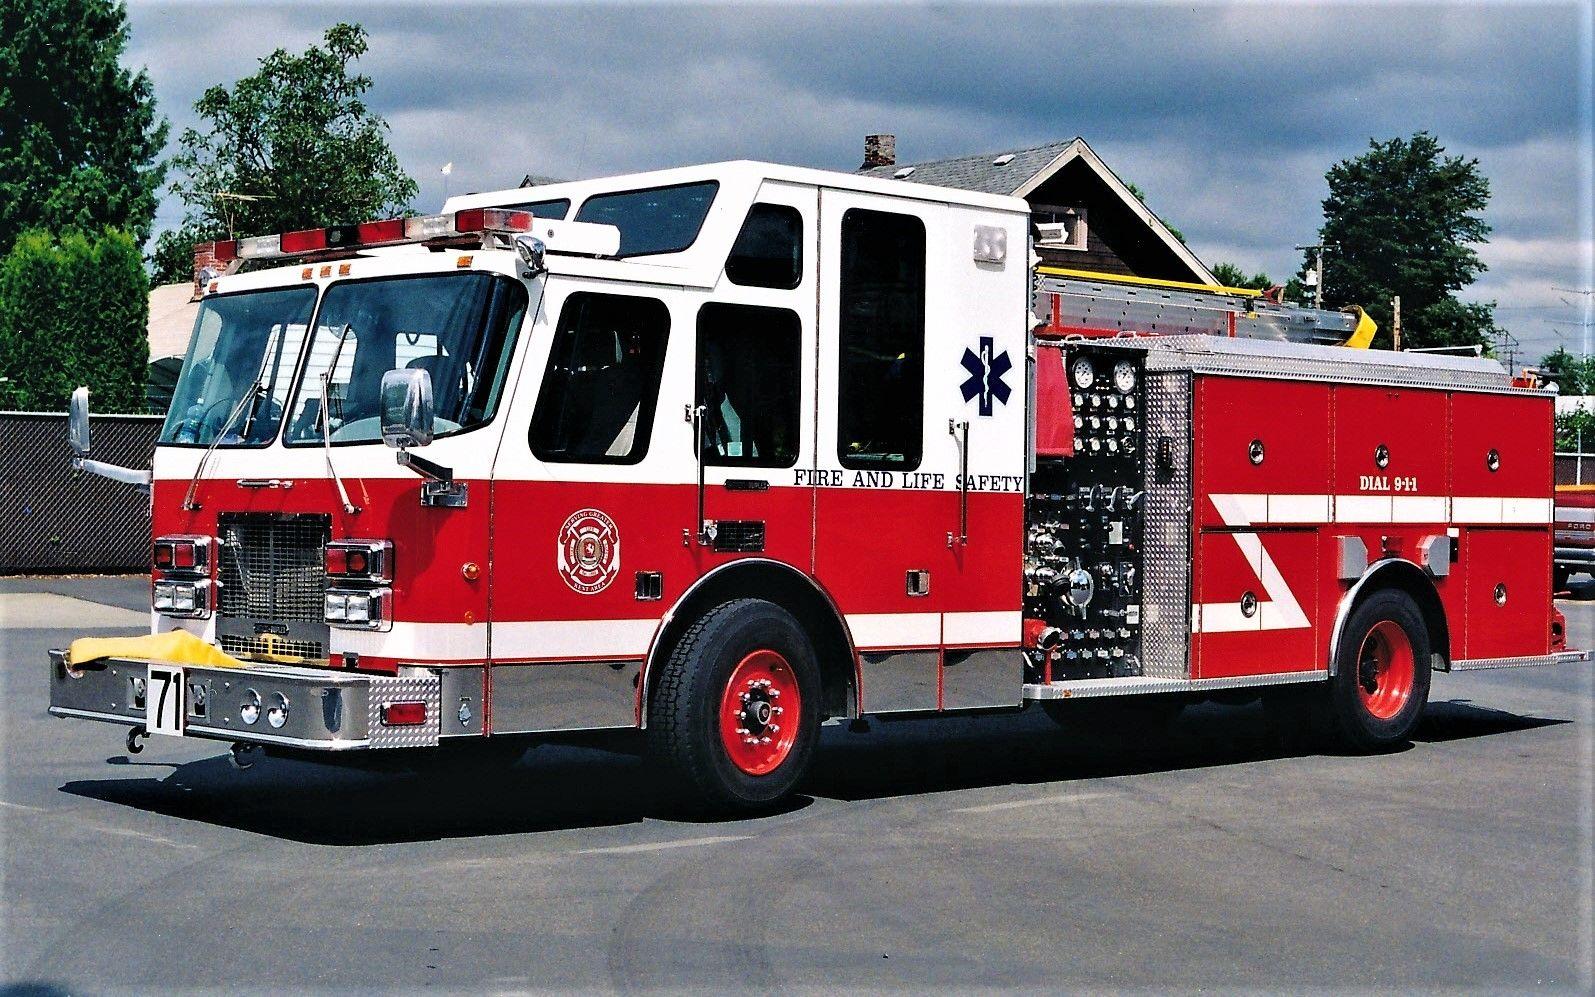 kent fire department engine 71 1997 simon duplex bme 1500 500 [ 1595 x 997 Pixel ]